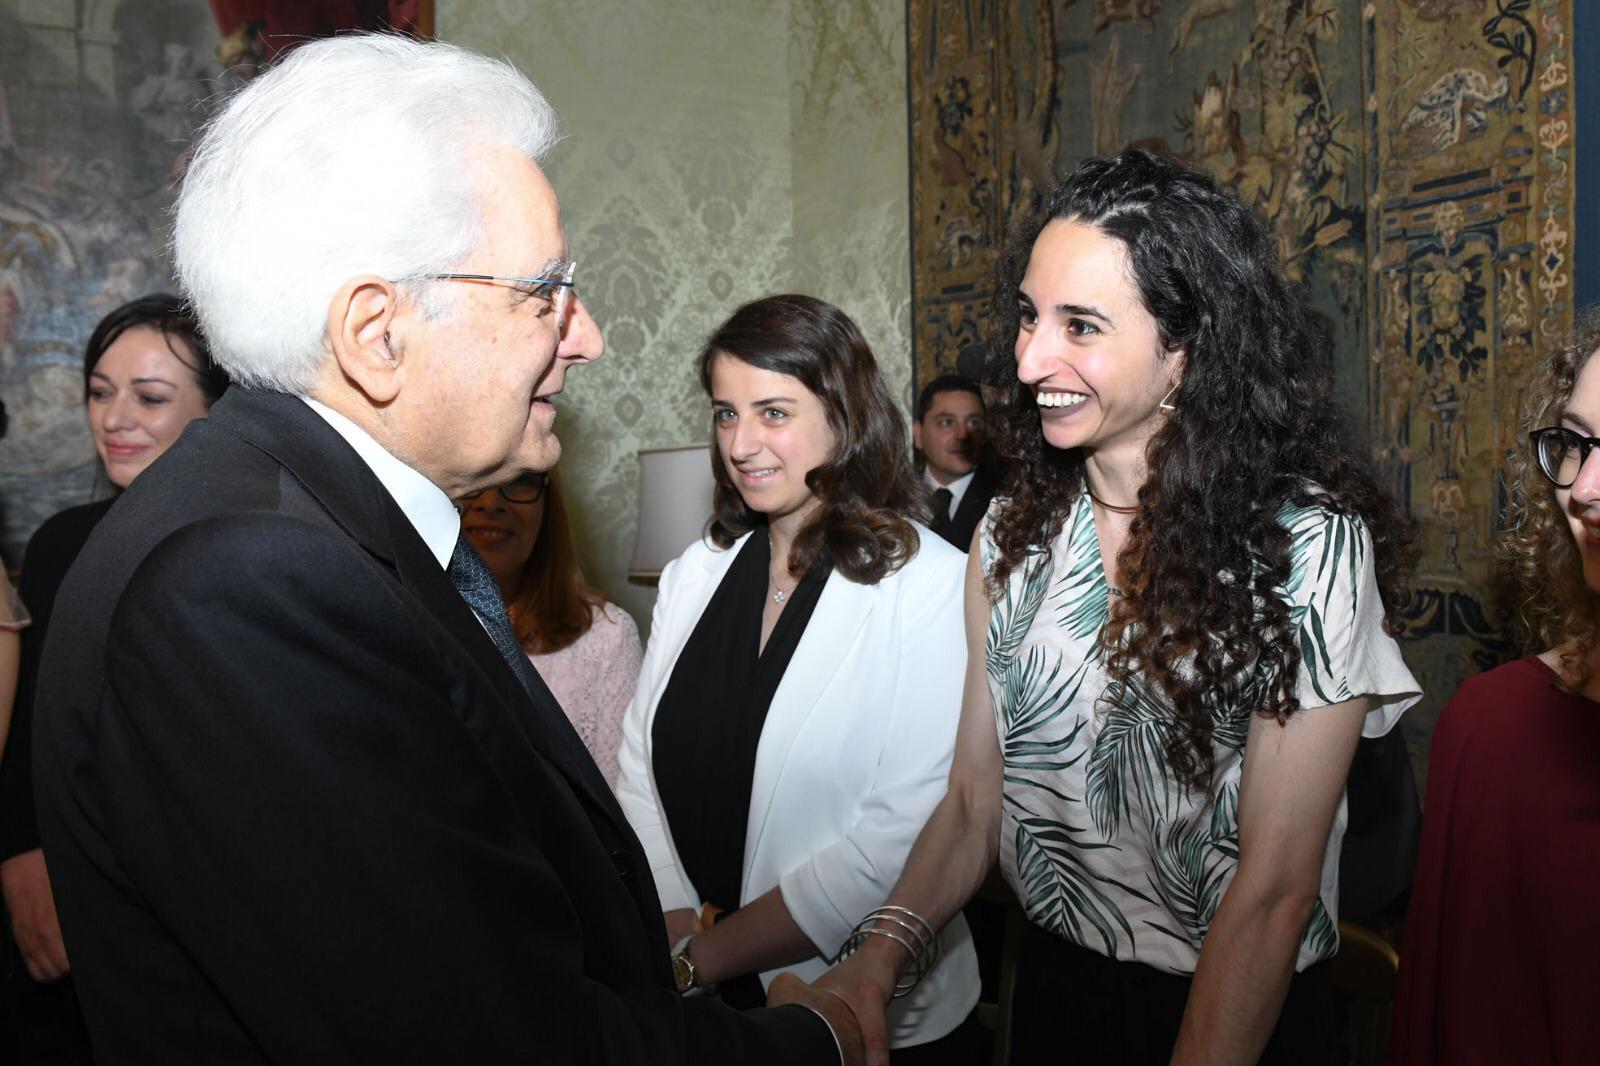 Il premio Bellisario a una neolaureata dell'Unical  L'Oscar delle donne nato per celebrarne il talento